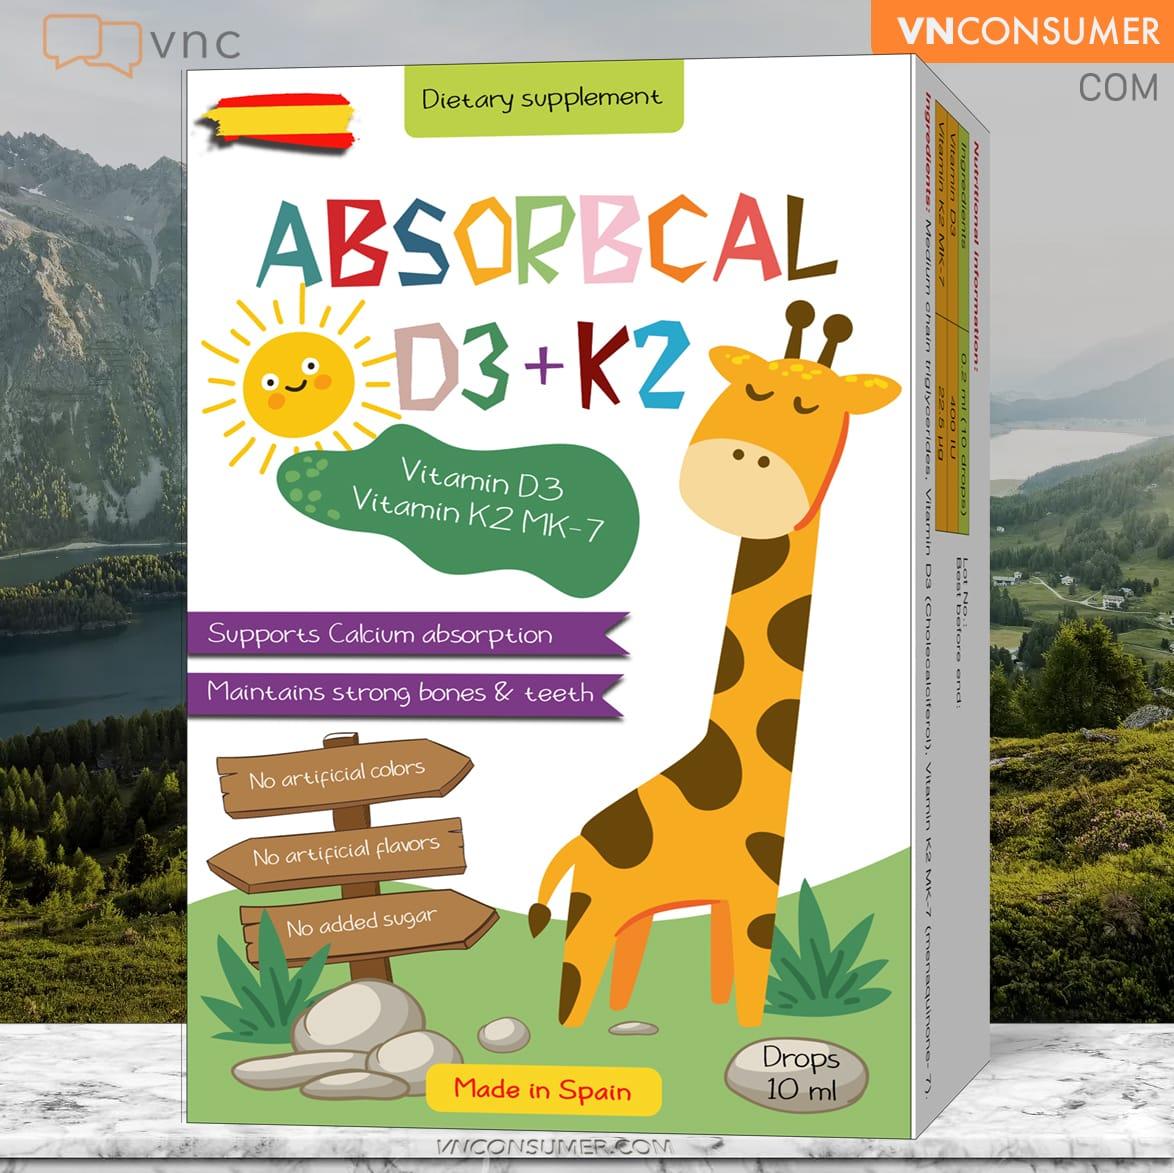 Hình ảnh Absorbcal D3K2